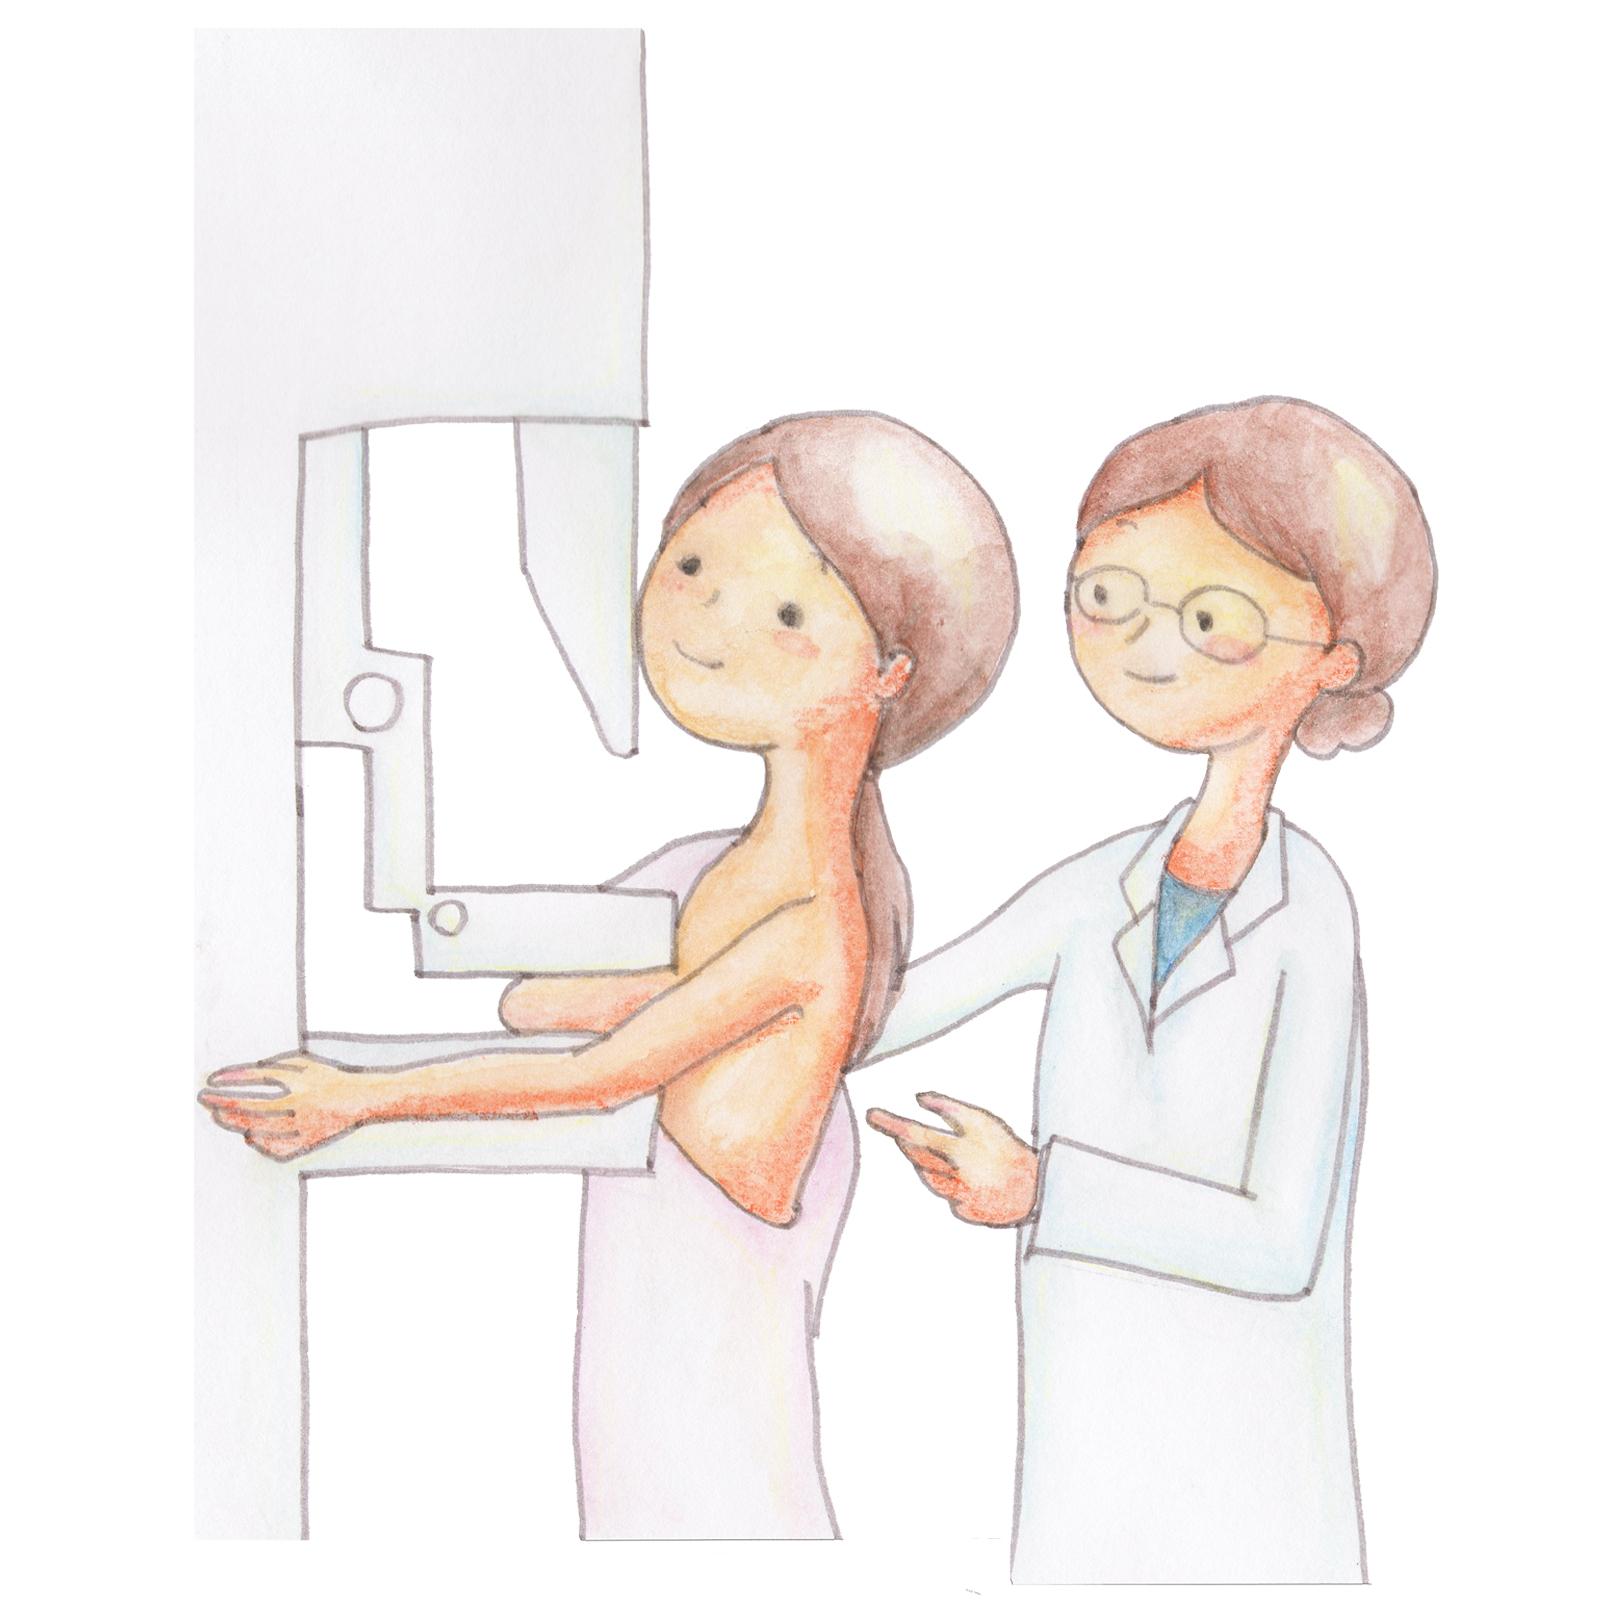 乳がん体験記 森さん編②マンモグラフィーでは癌は発見されず